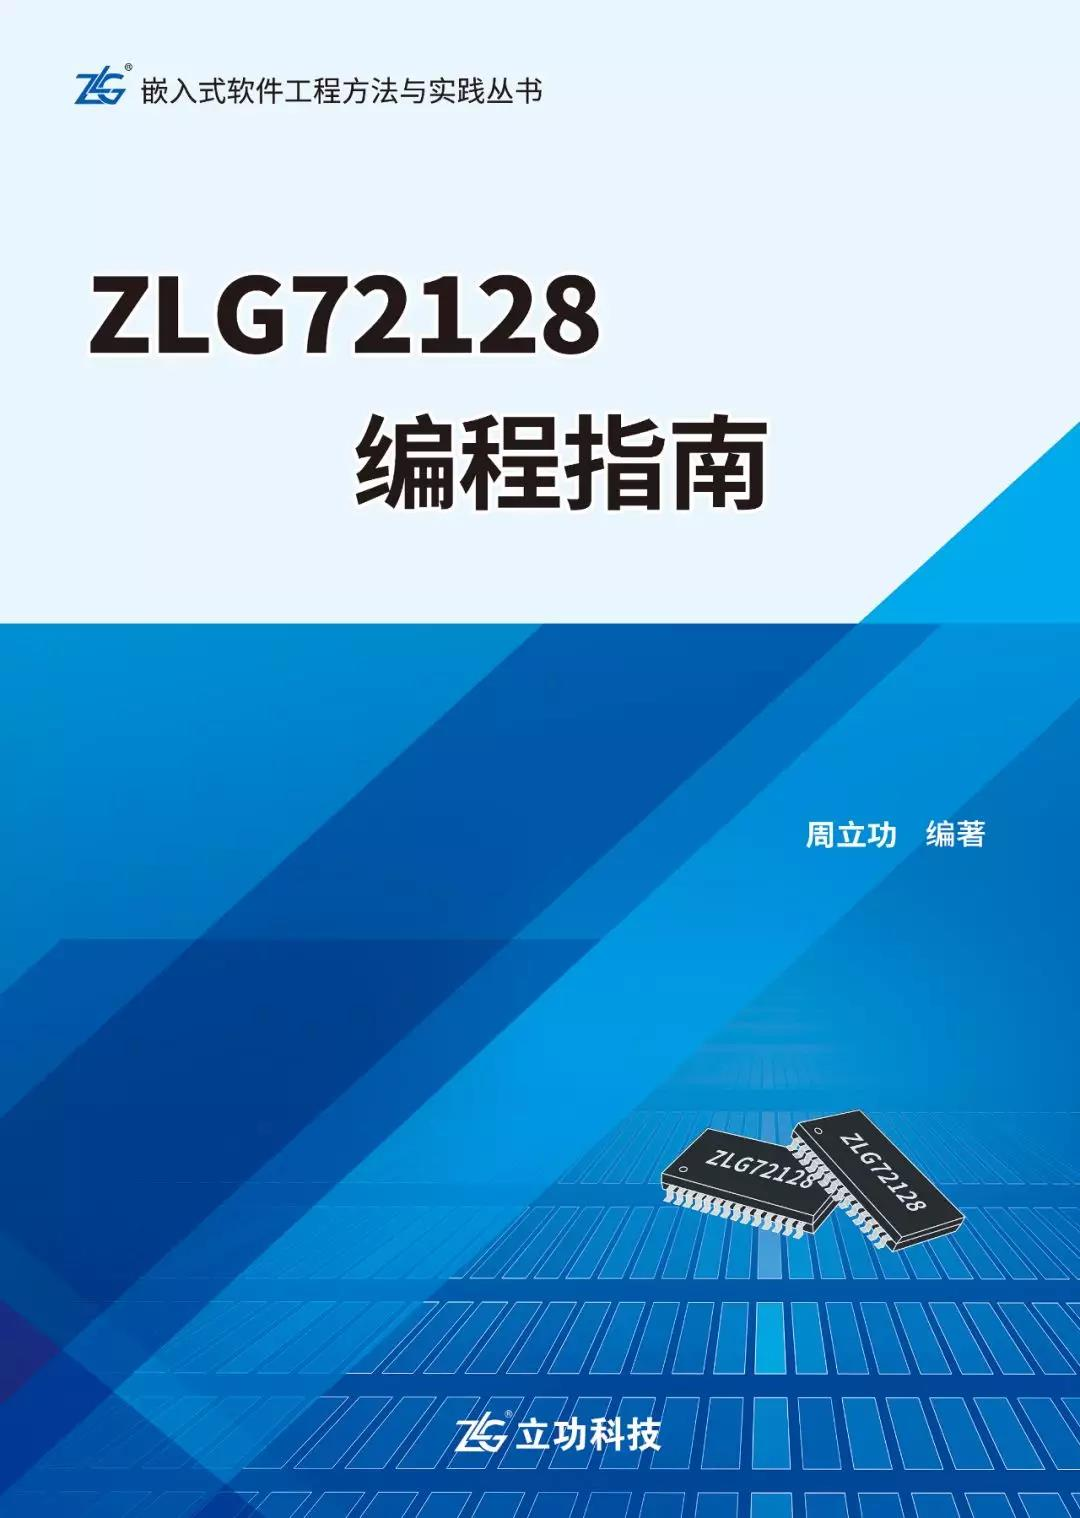 周立功发布最新力作《ZLG72128编程指南》